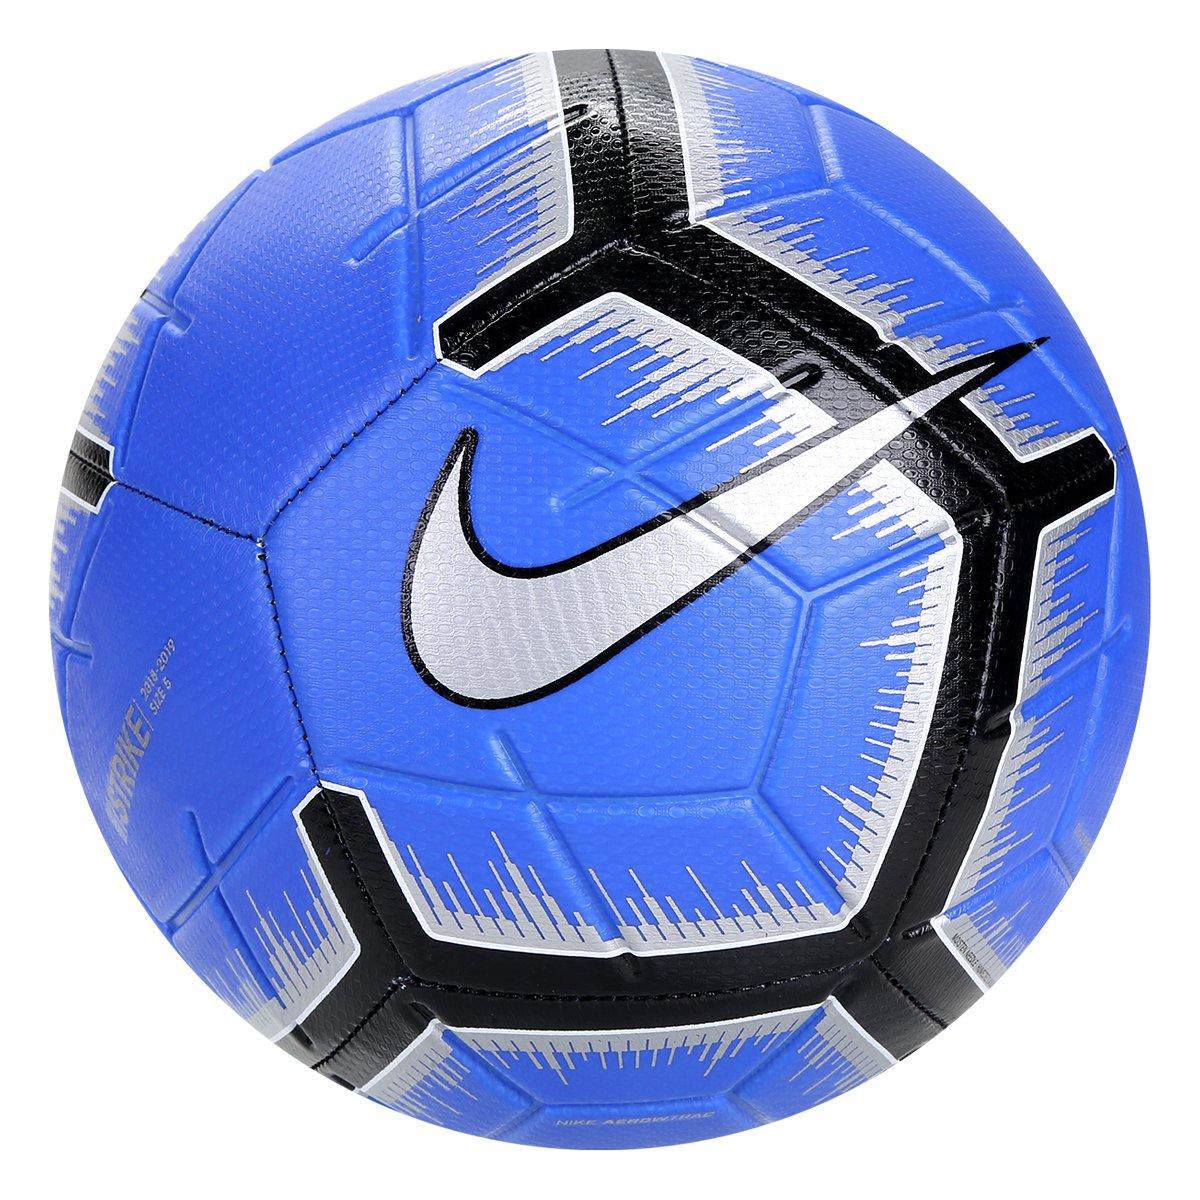 59c476bb9c4de Bola de Futebol Campo Strike Nike - Azul e Preto - Compre Agora ...